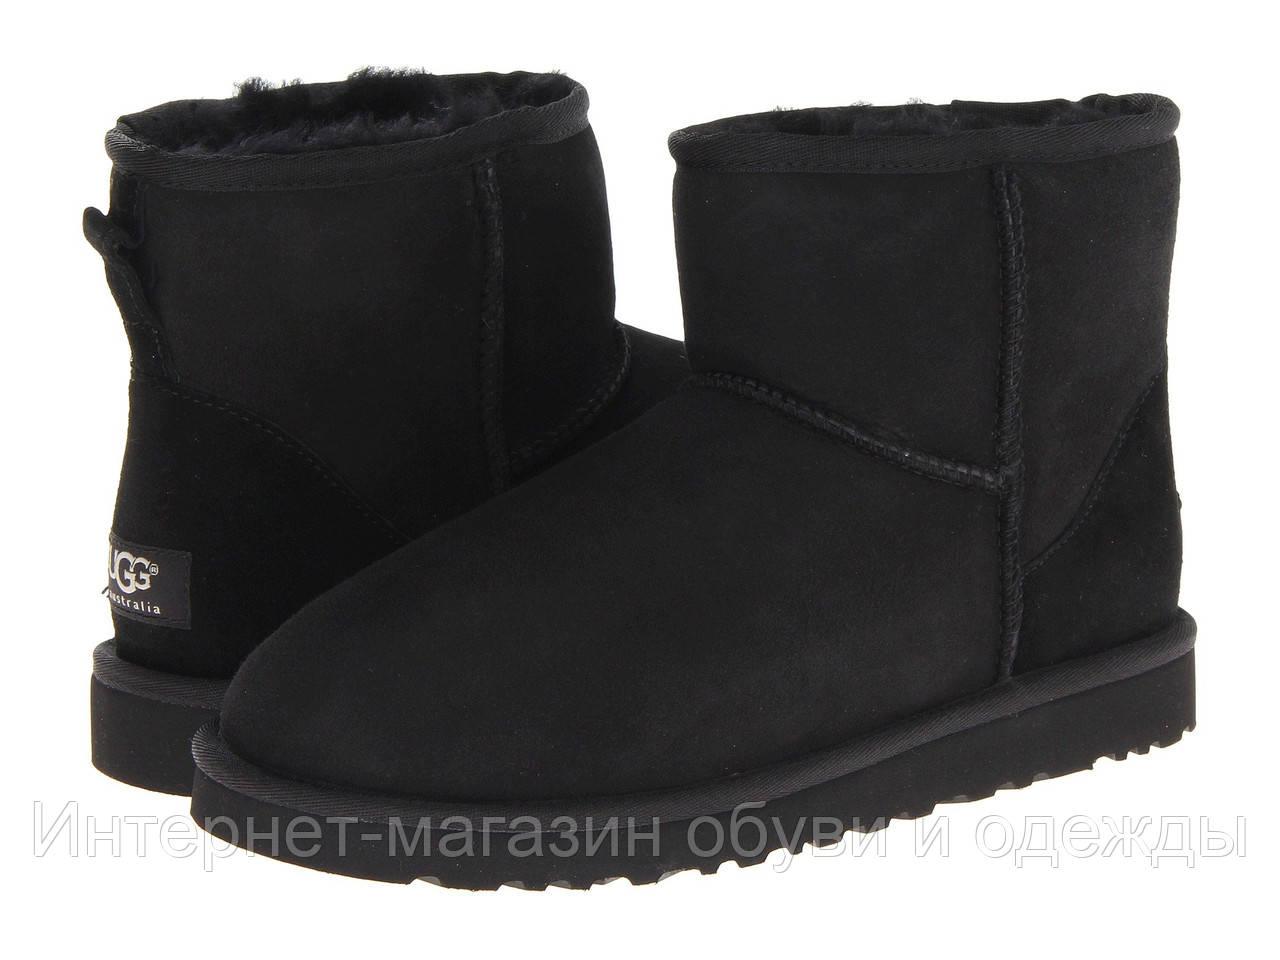 Угги – лучшая обувь для мужчин